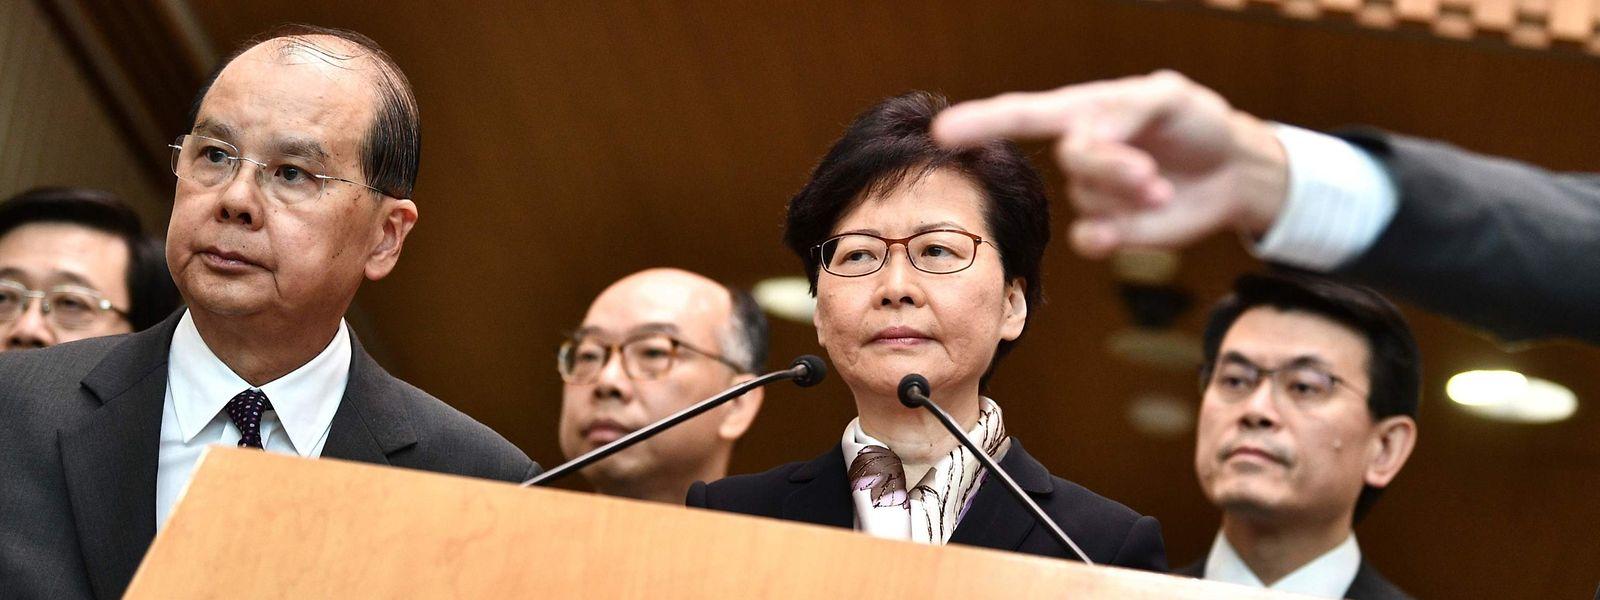 Après deux semaines de silence, Carrie Lam a défendu lundi une ligne de fermeté face aux manifestants qui ont déclenché des opérations de blocage des transports en commun.